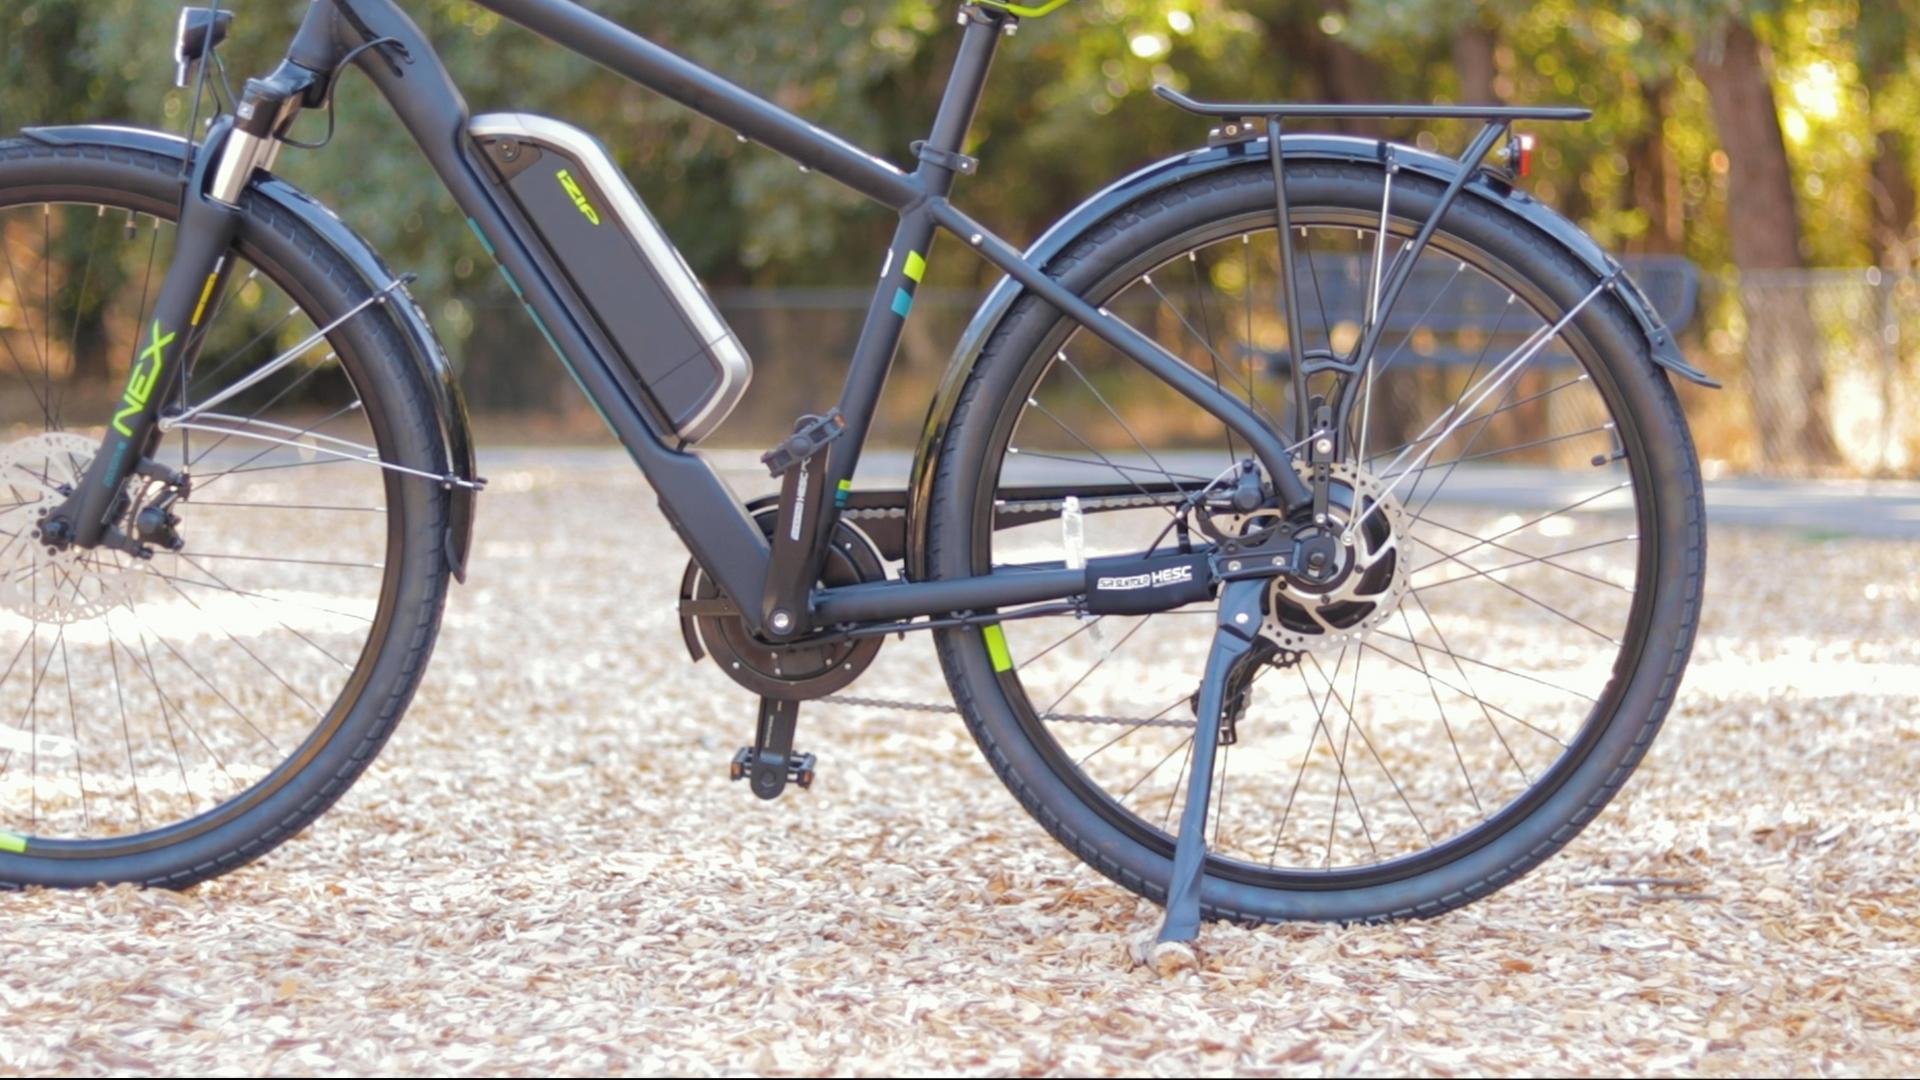 electrified-reviews-izip-e3-brio-electric-bike-review-profile-battery.jpg